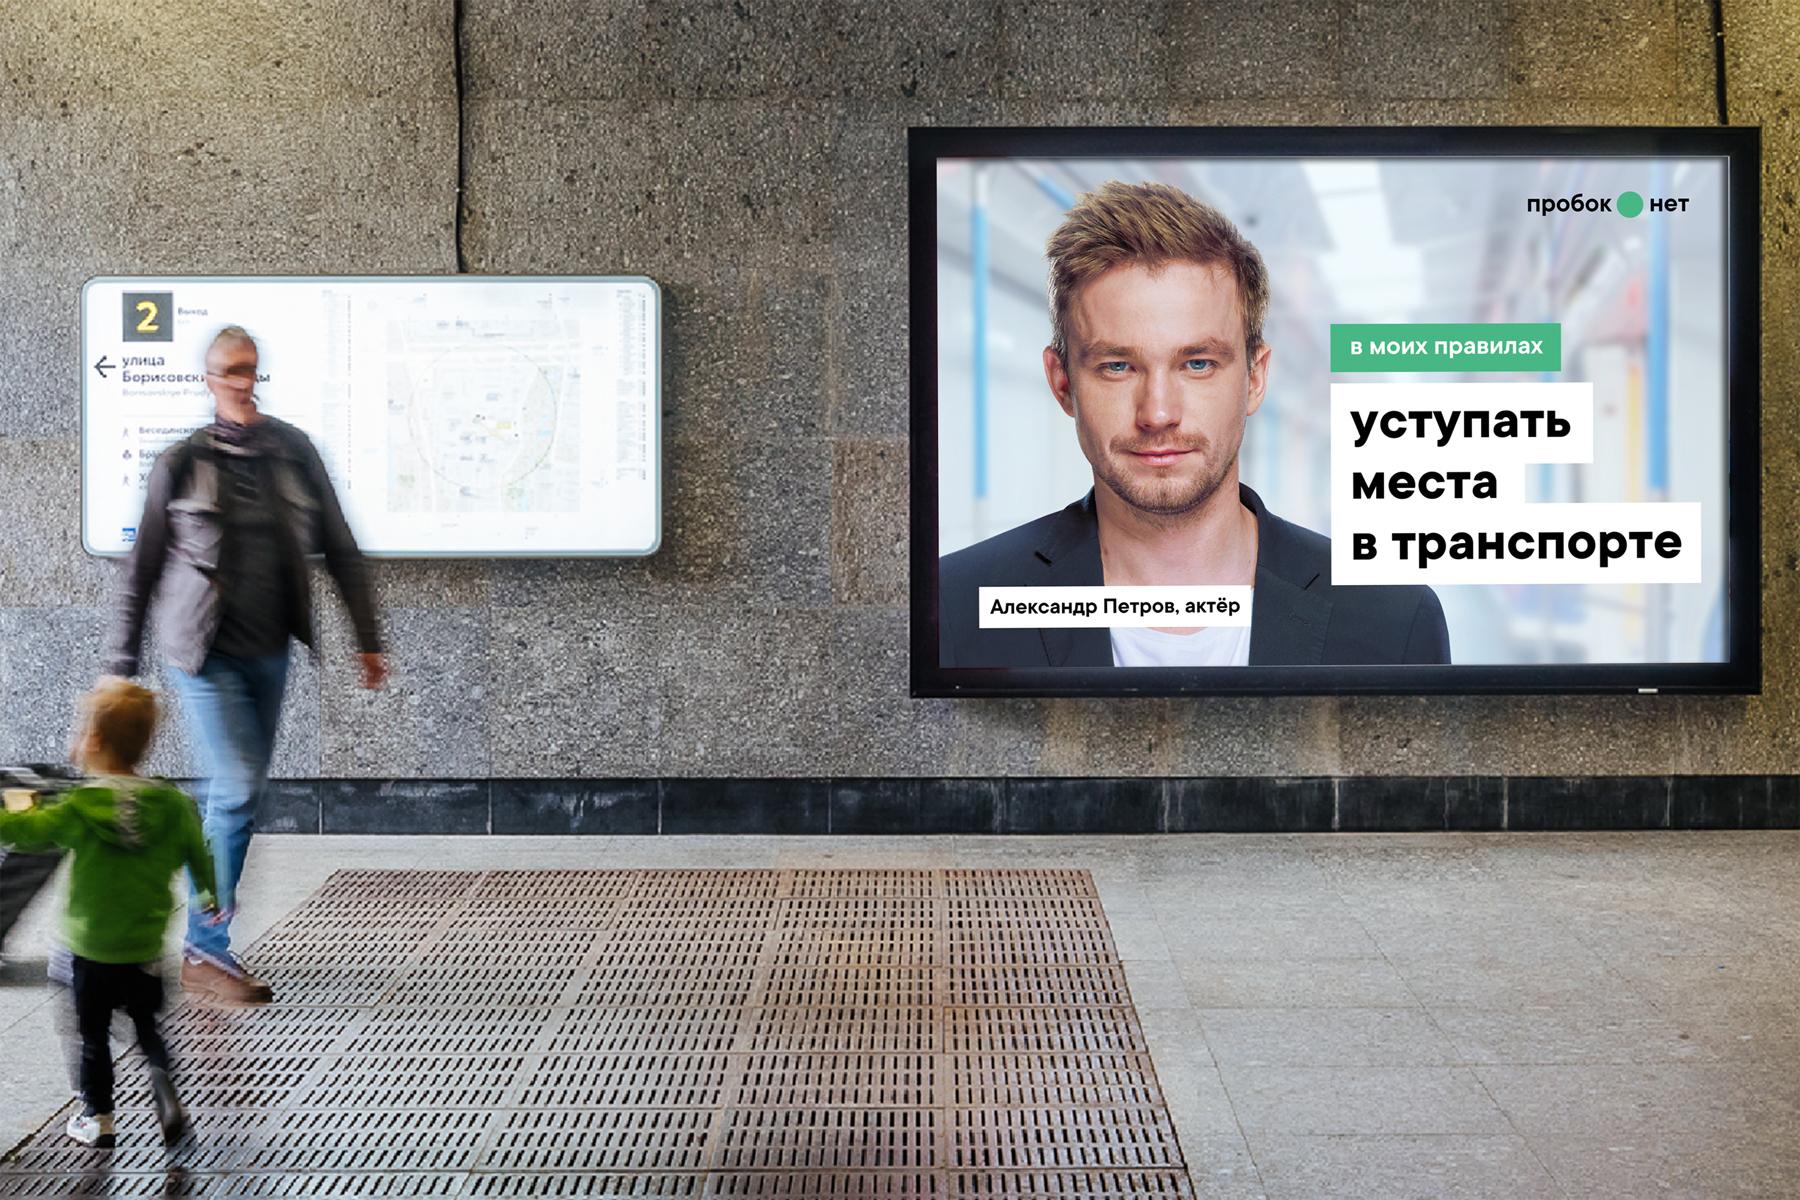 Мои правила в метро